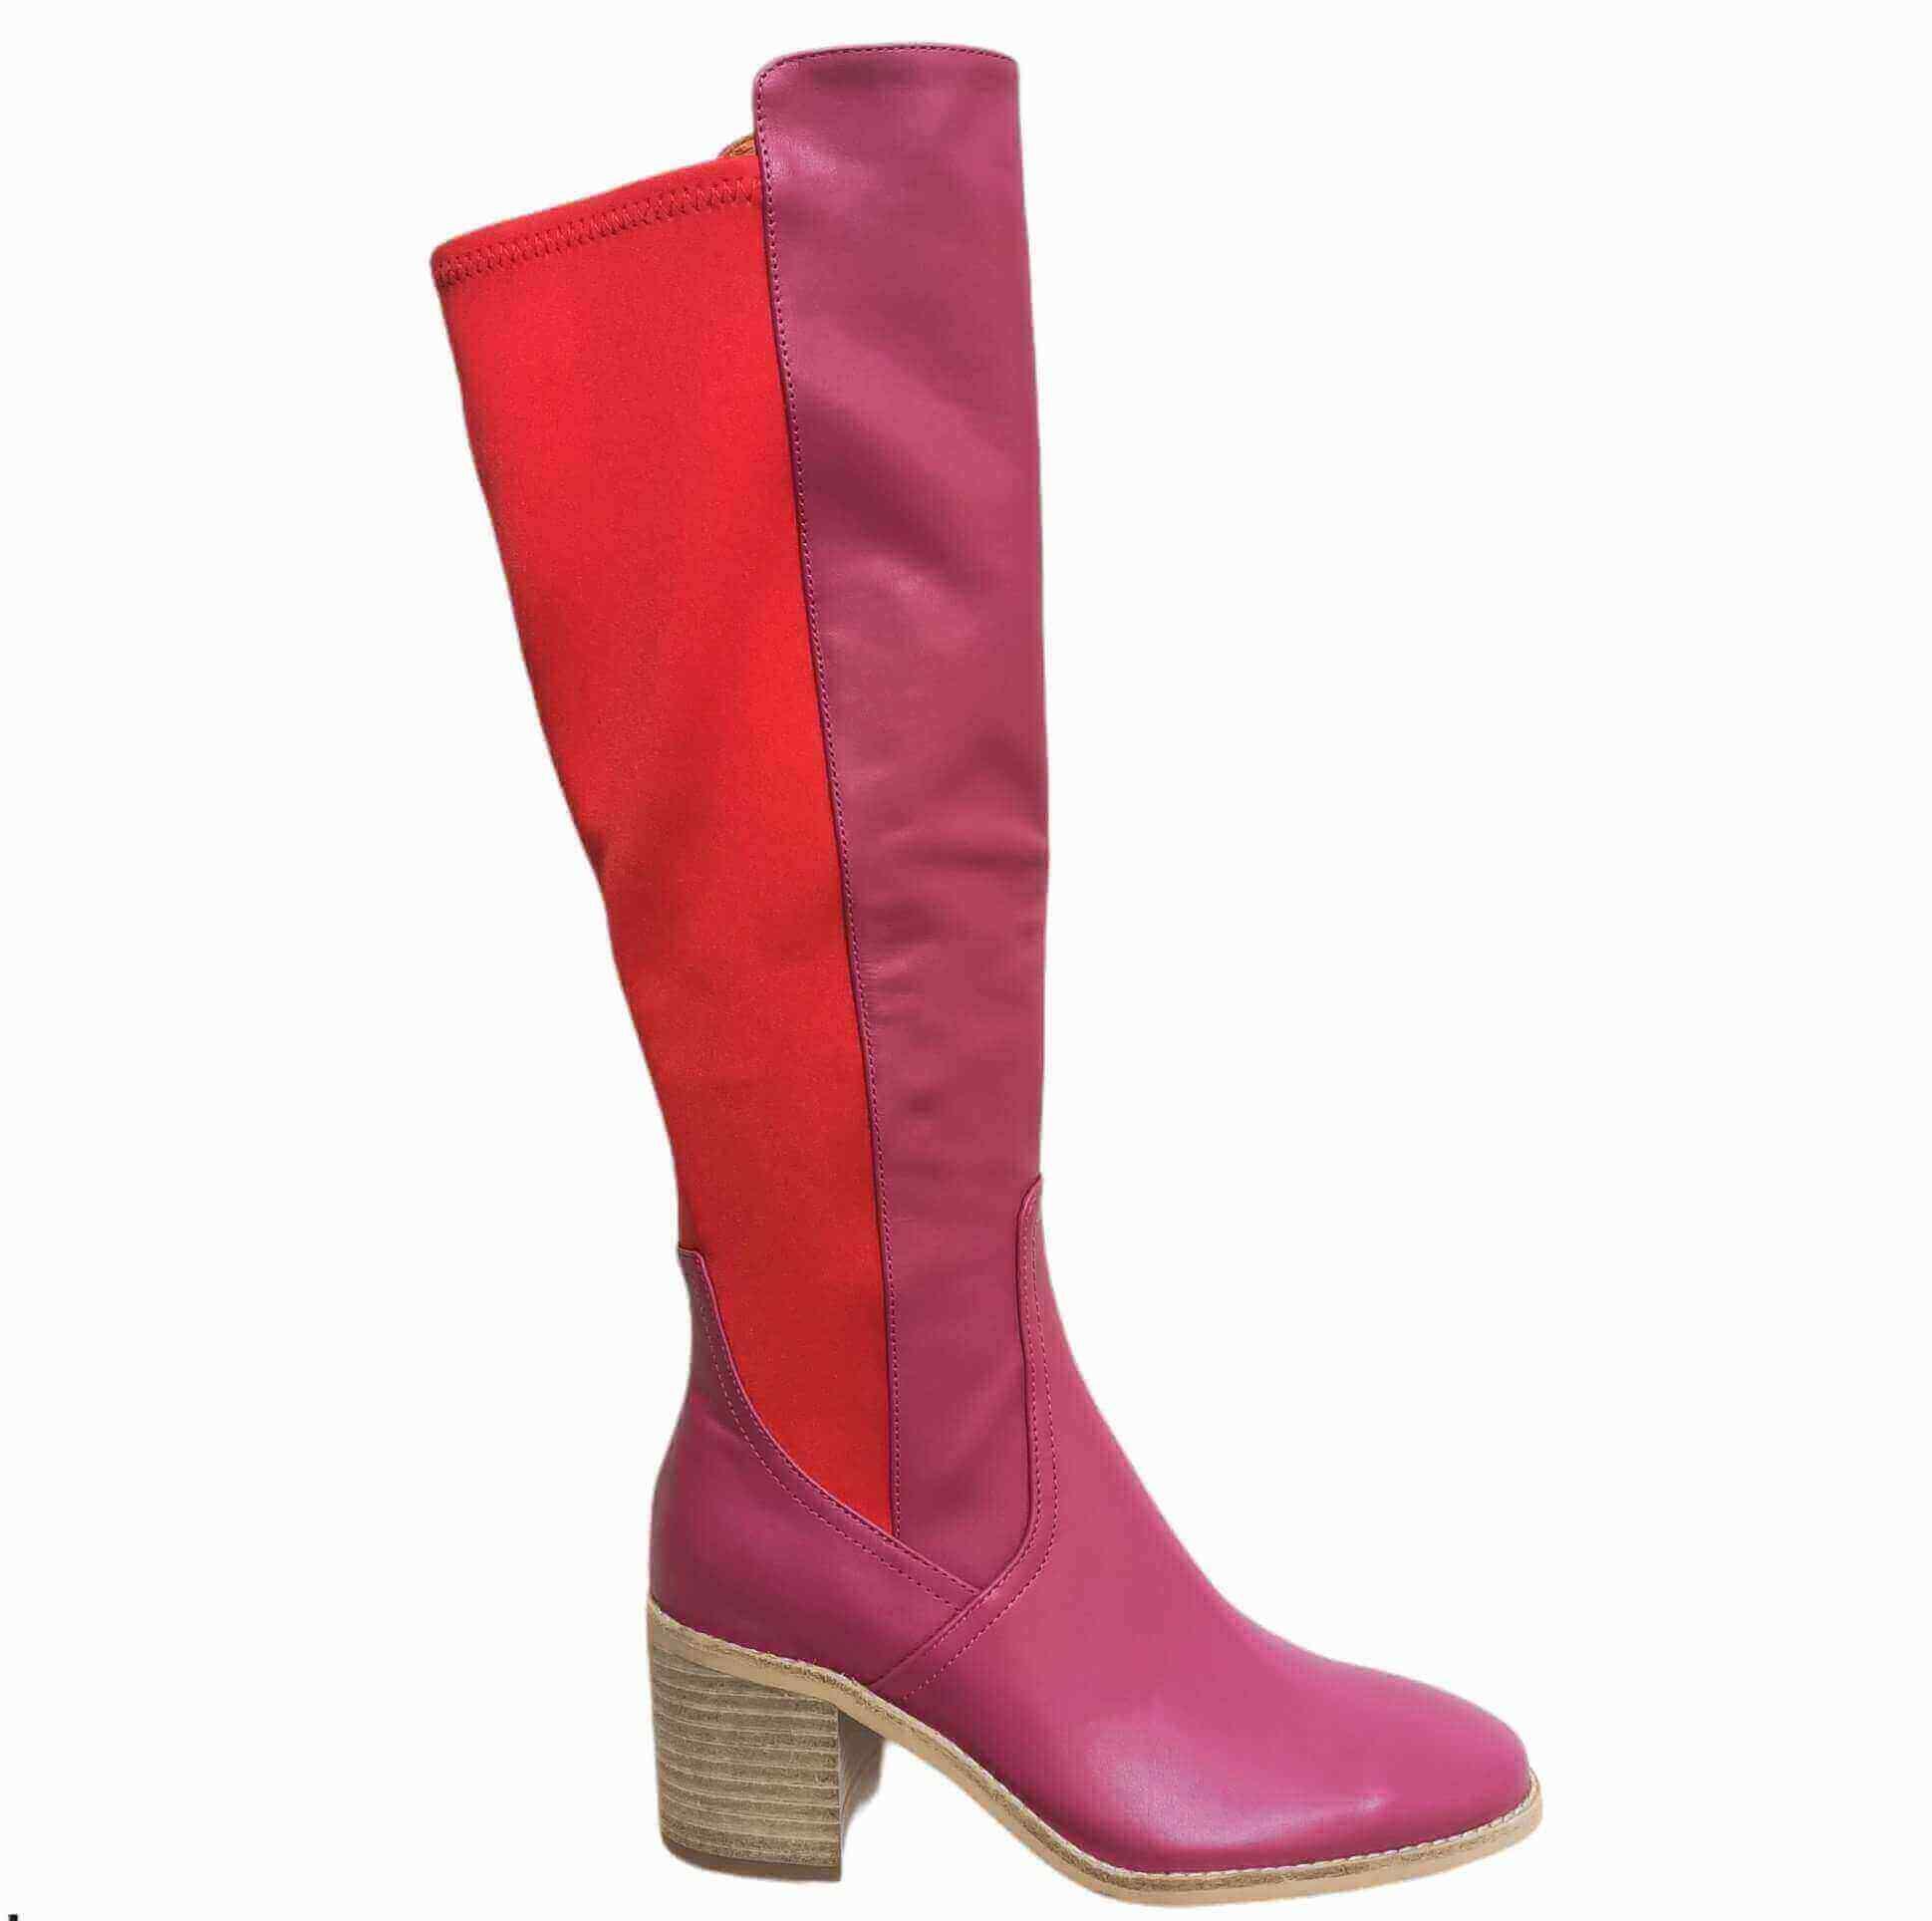 Awaken Boot - Hot Pink/Red - Minx